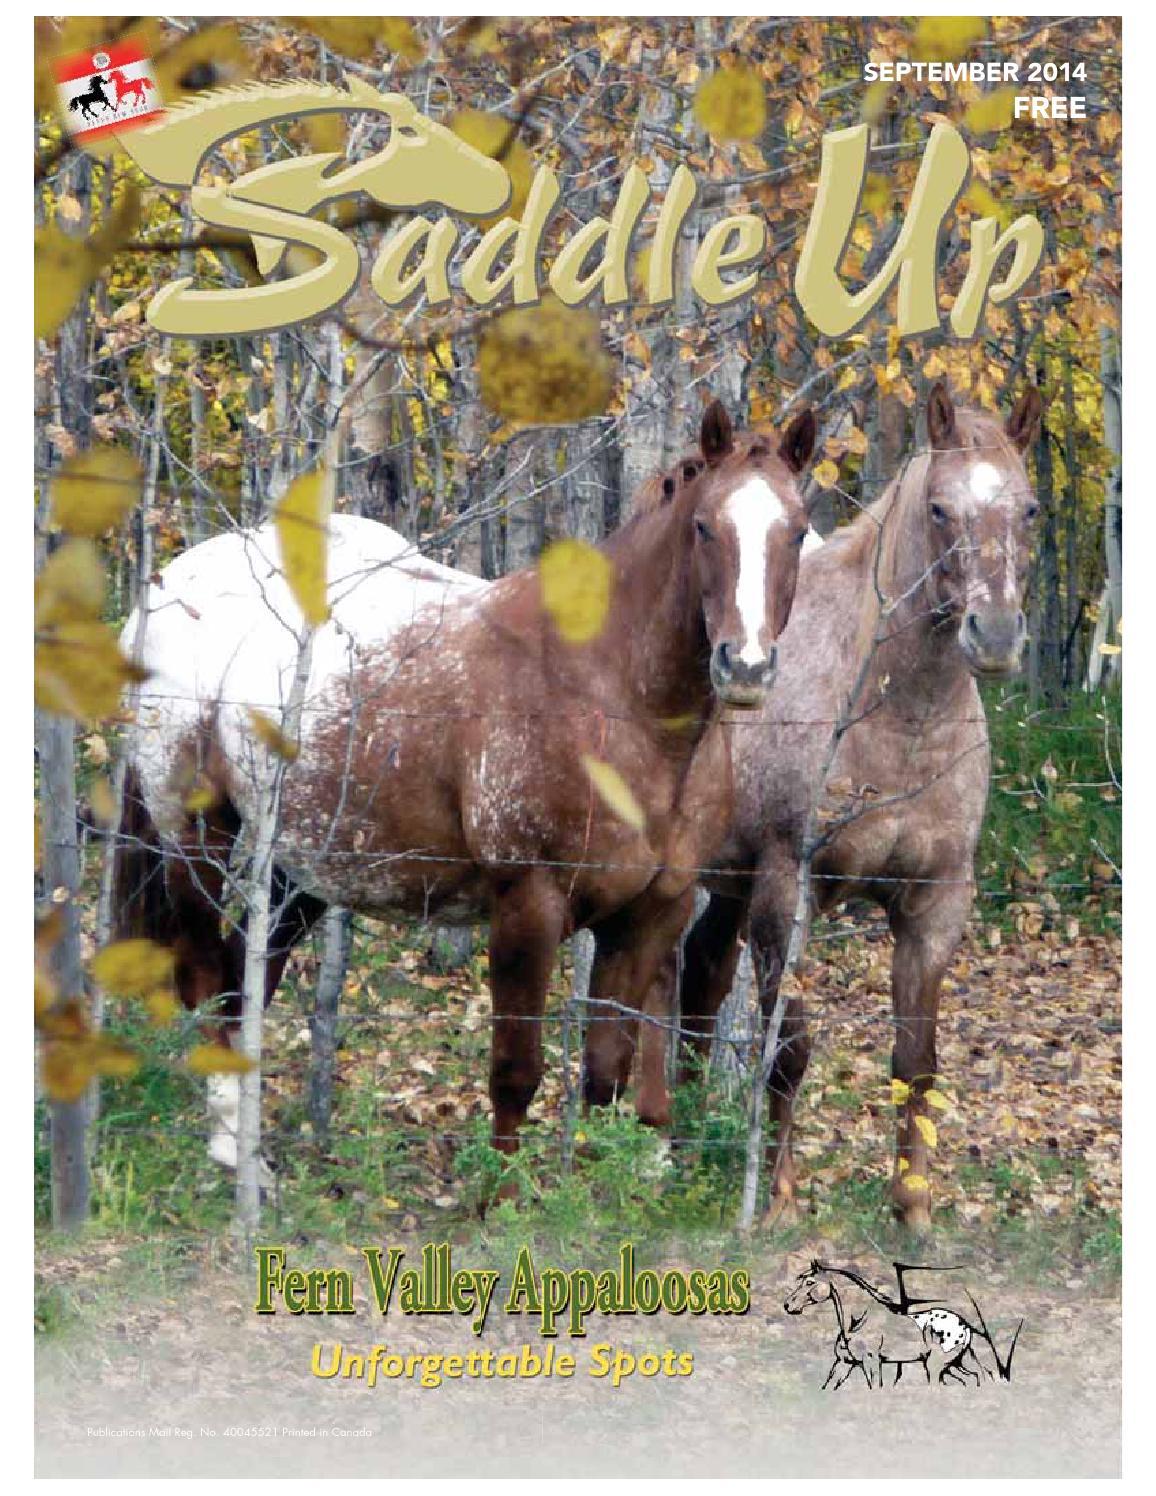 Saddle up Sept 2014 by Saddle Up magazine - issuu 5d0bbd289f